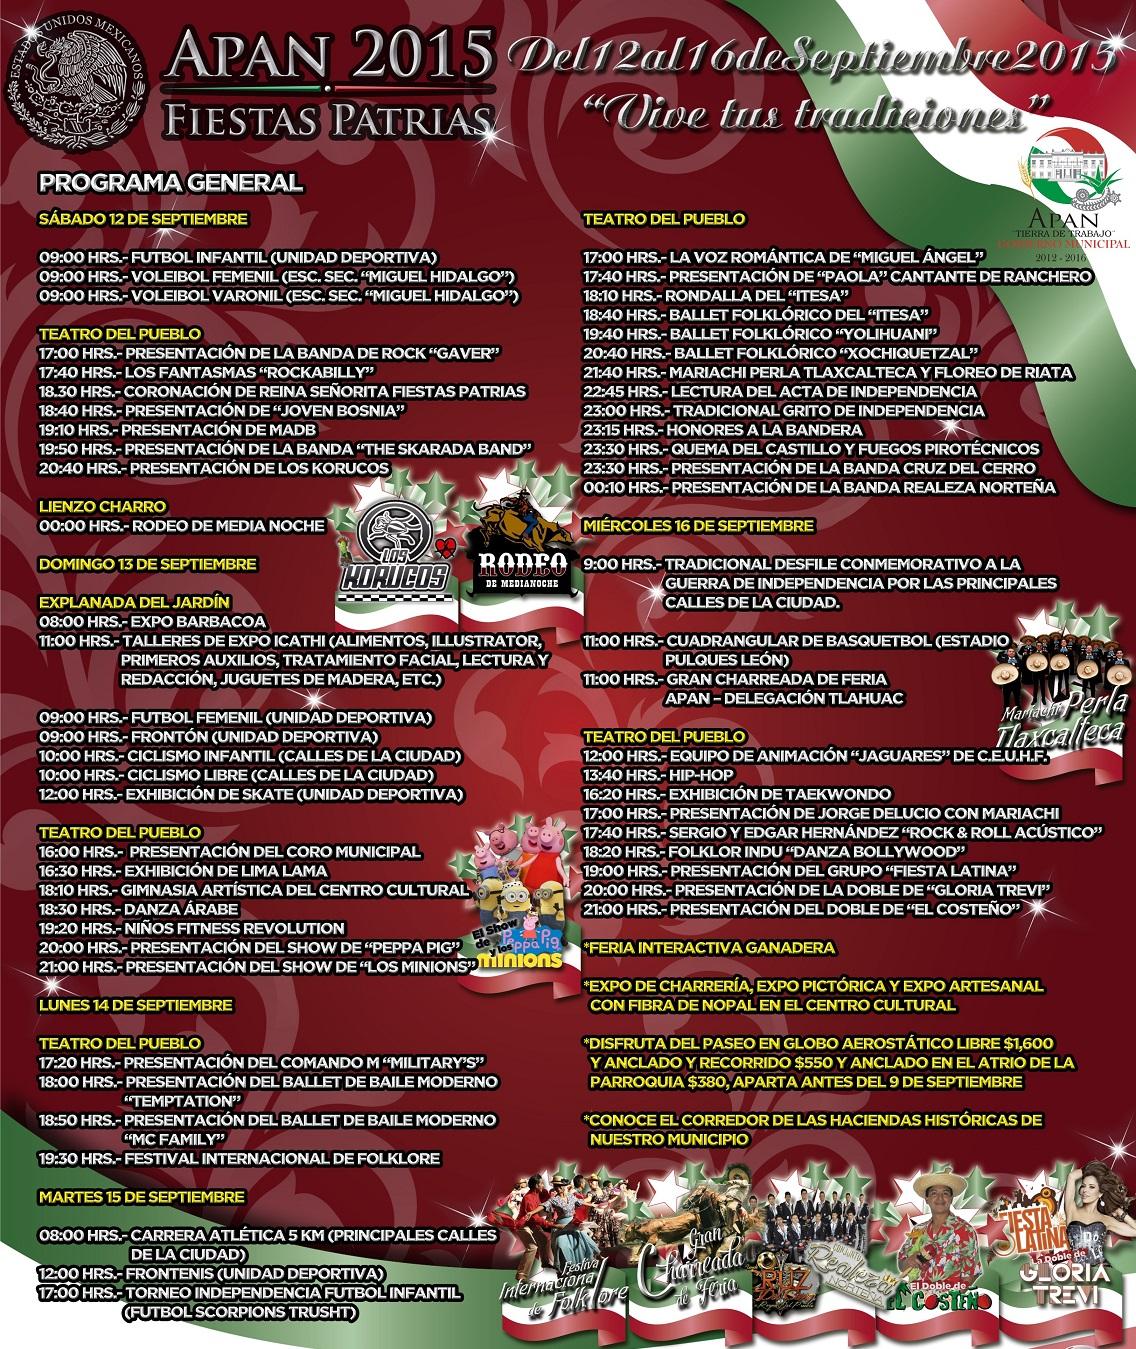 20150829050603-programa-fiestas-patrias-2.jpg